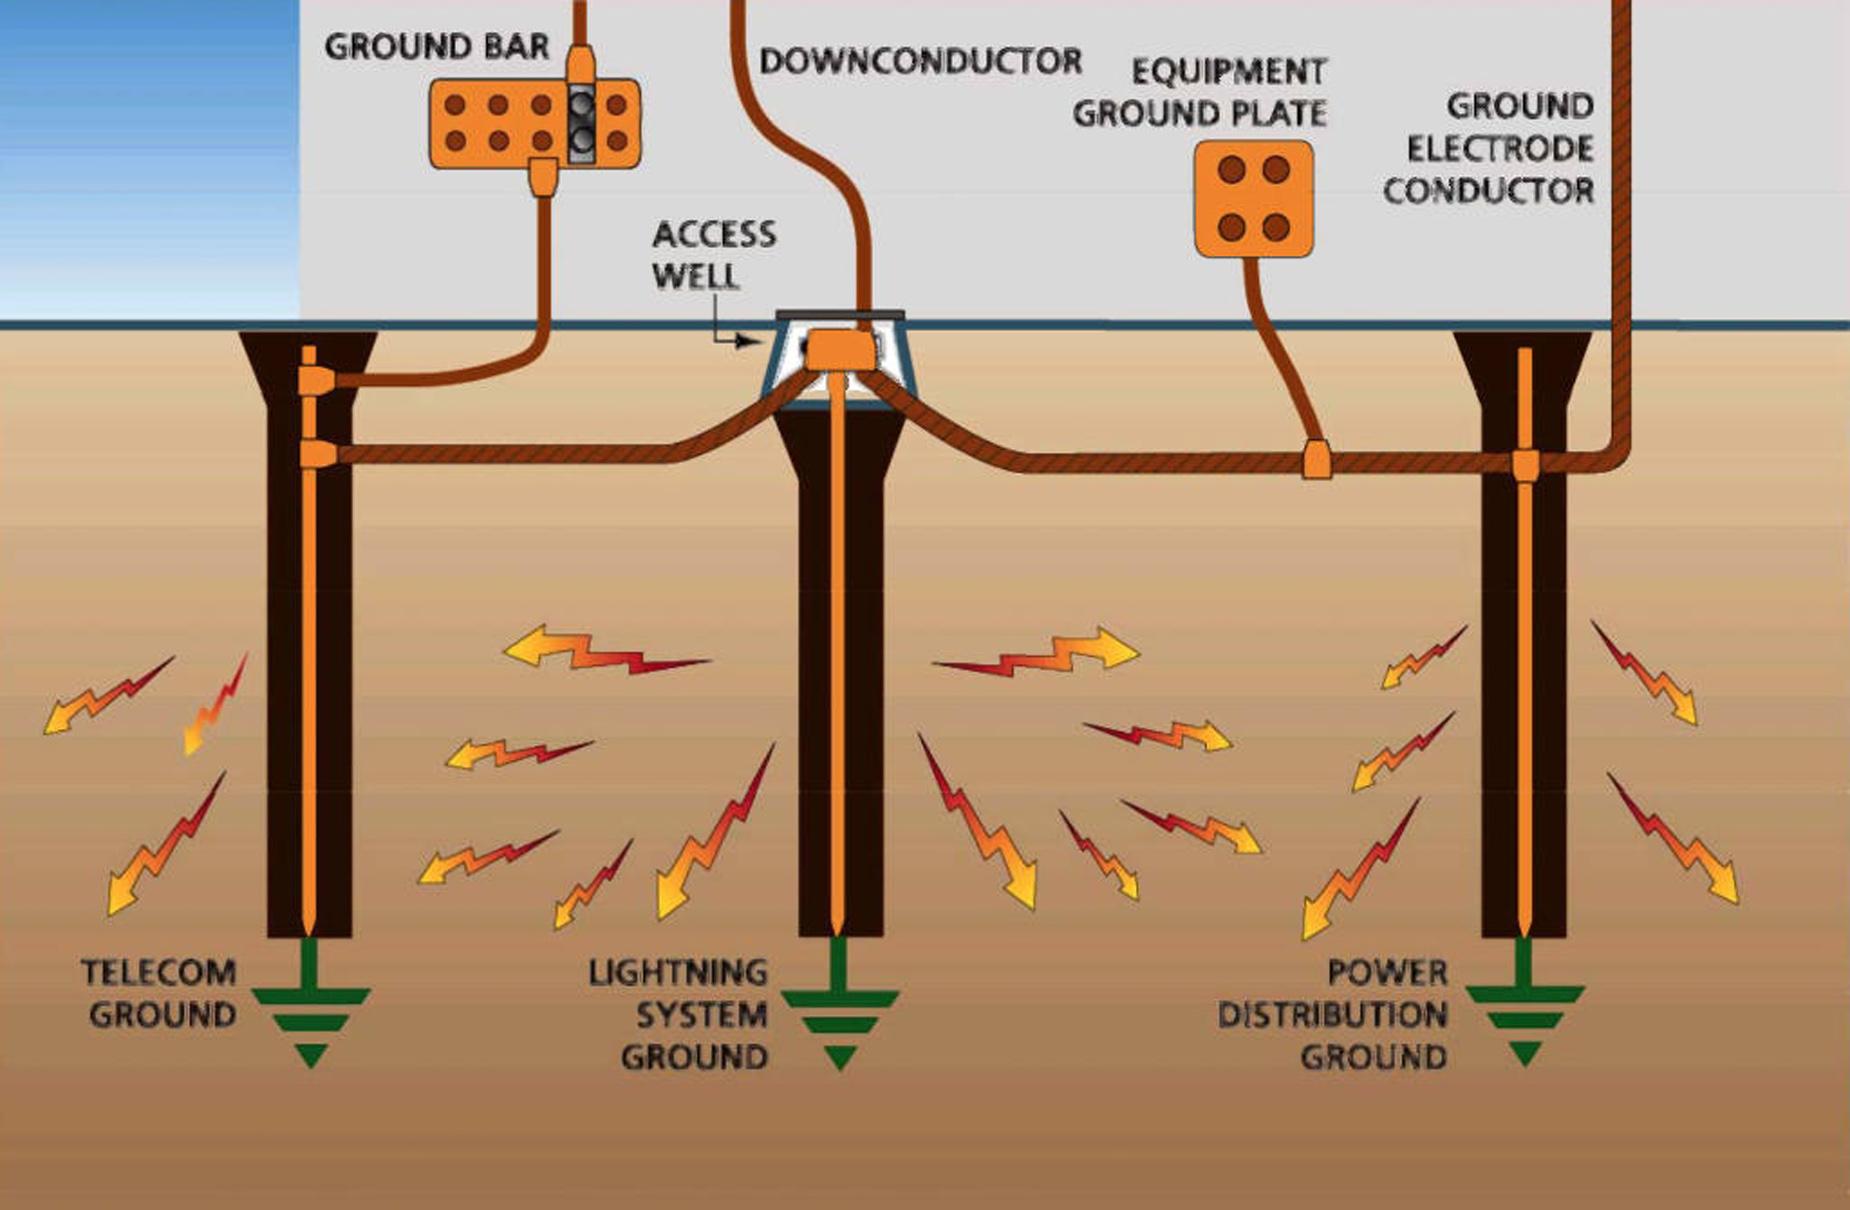 elektrik ölçümü yapımı, iş sağlığı ve güvenliği açısından elektrik ölçümü, elektrik topraklama ölçümü